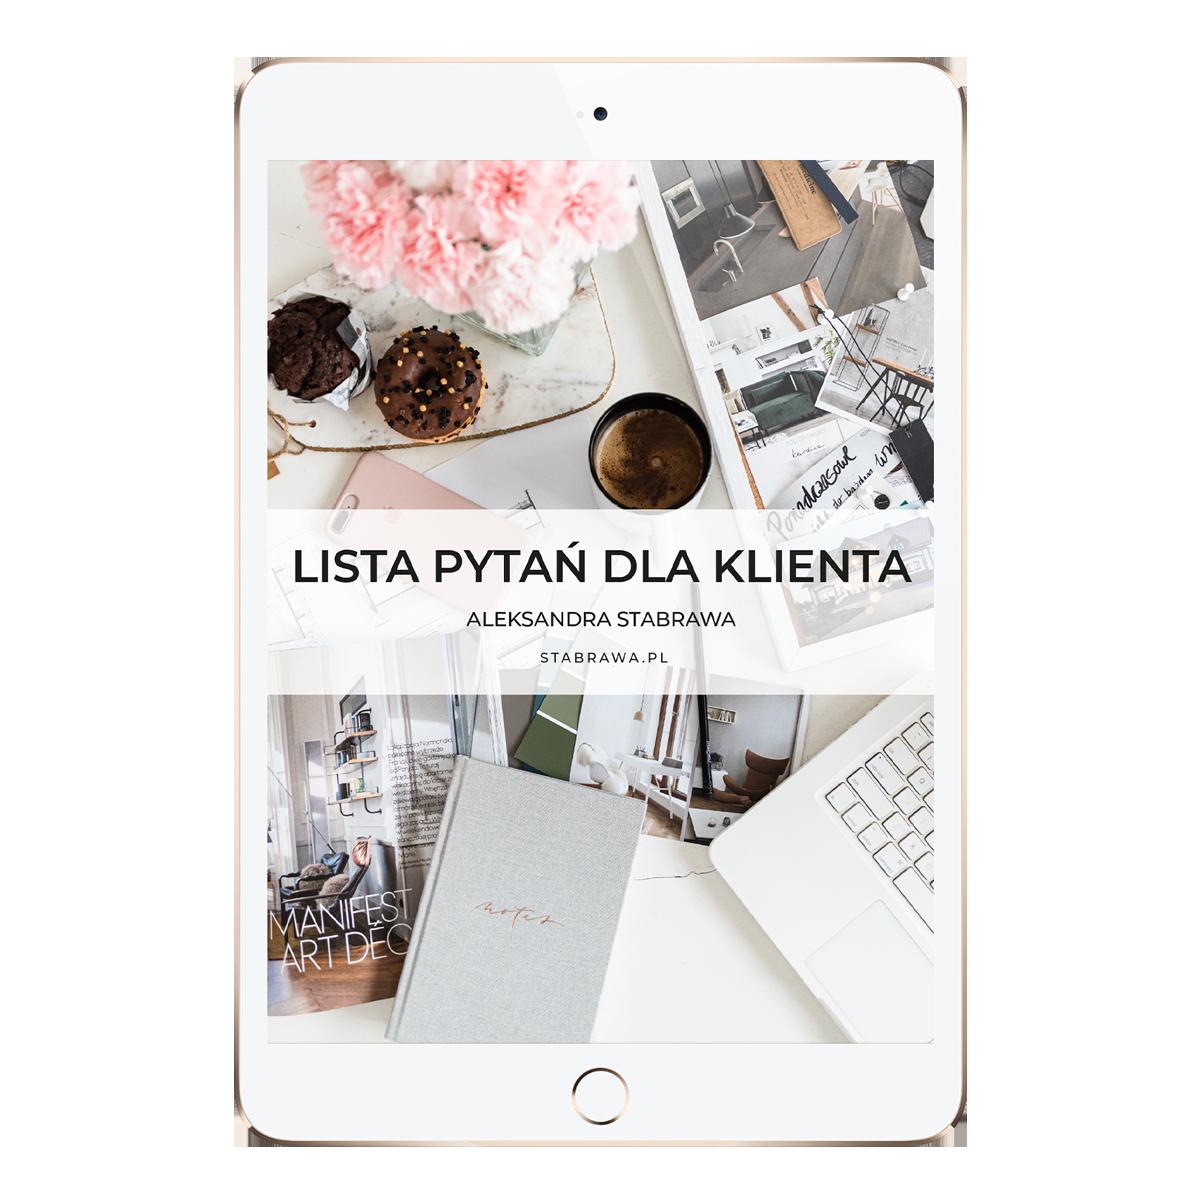 Lista-pytan-do-klienta-Aleksandra-Stabrawa